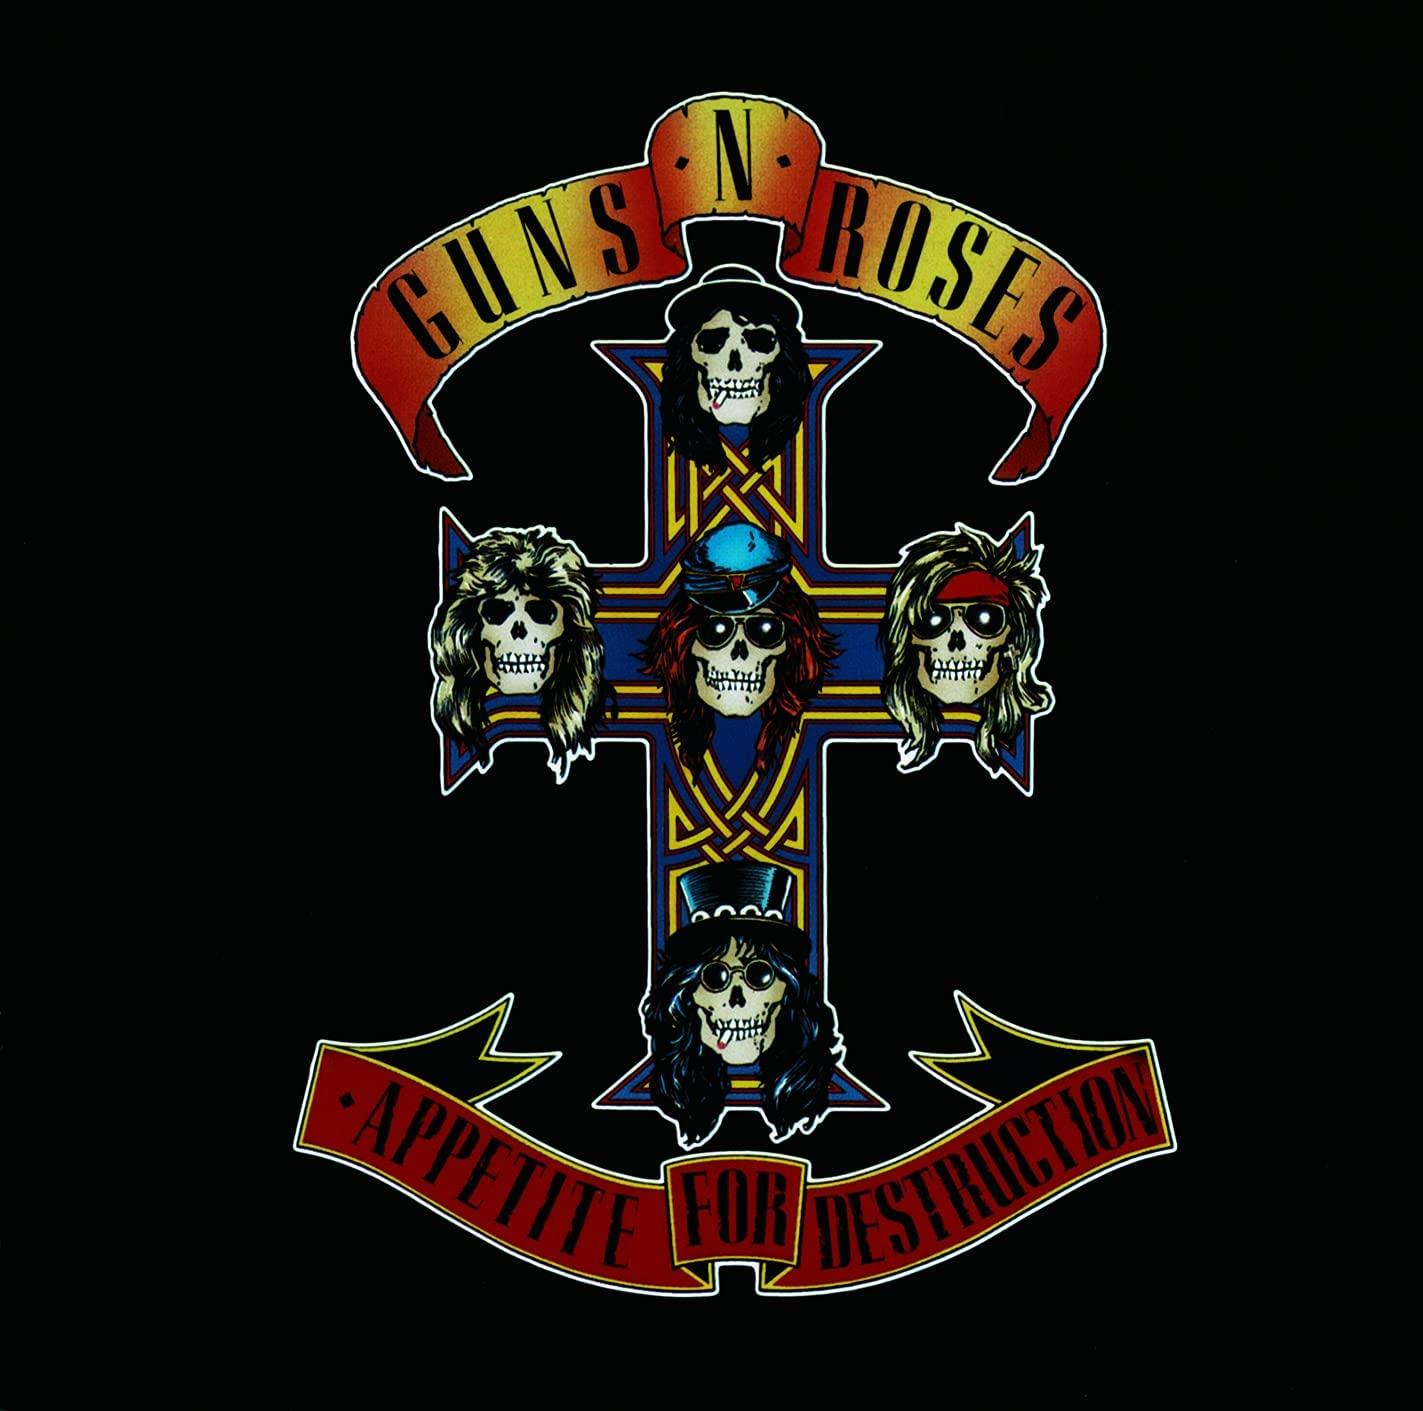 Guns N' Roses - Appetite for Destruction LP